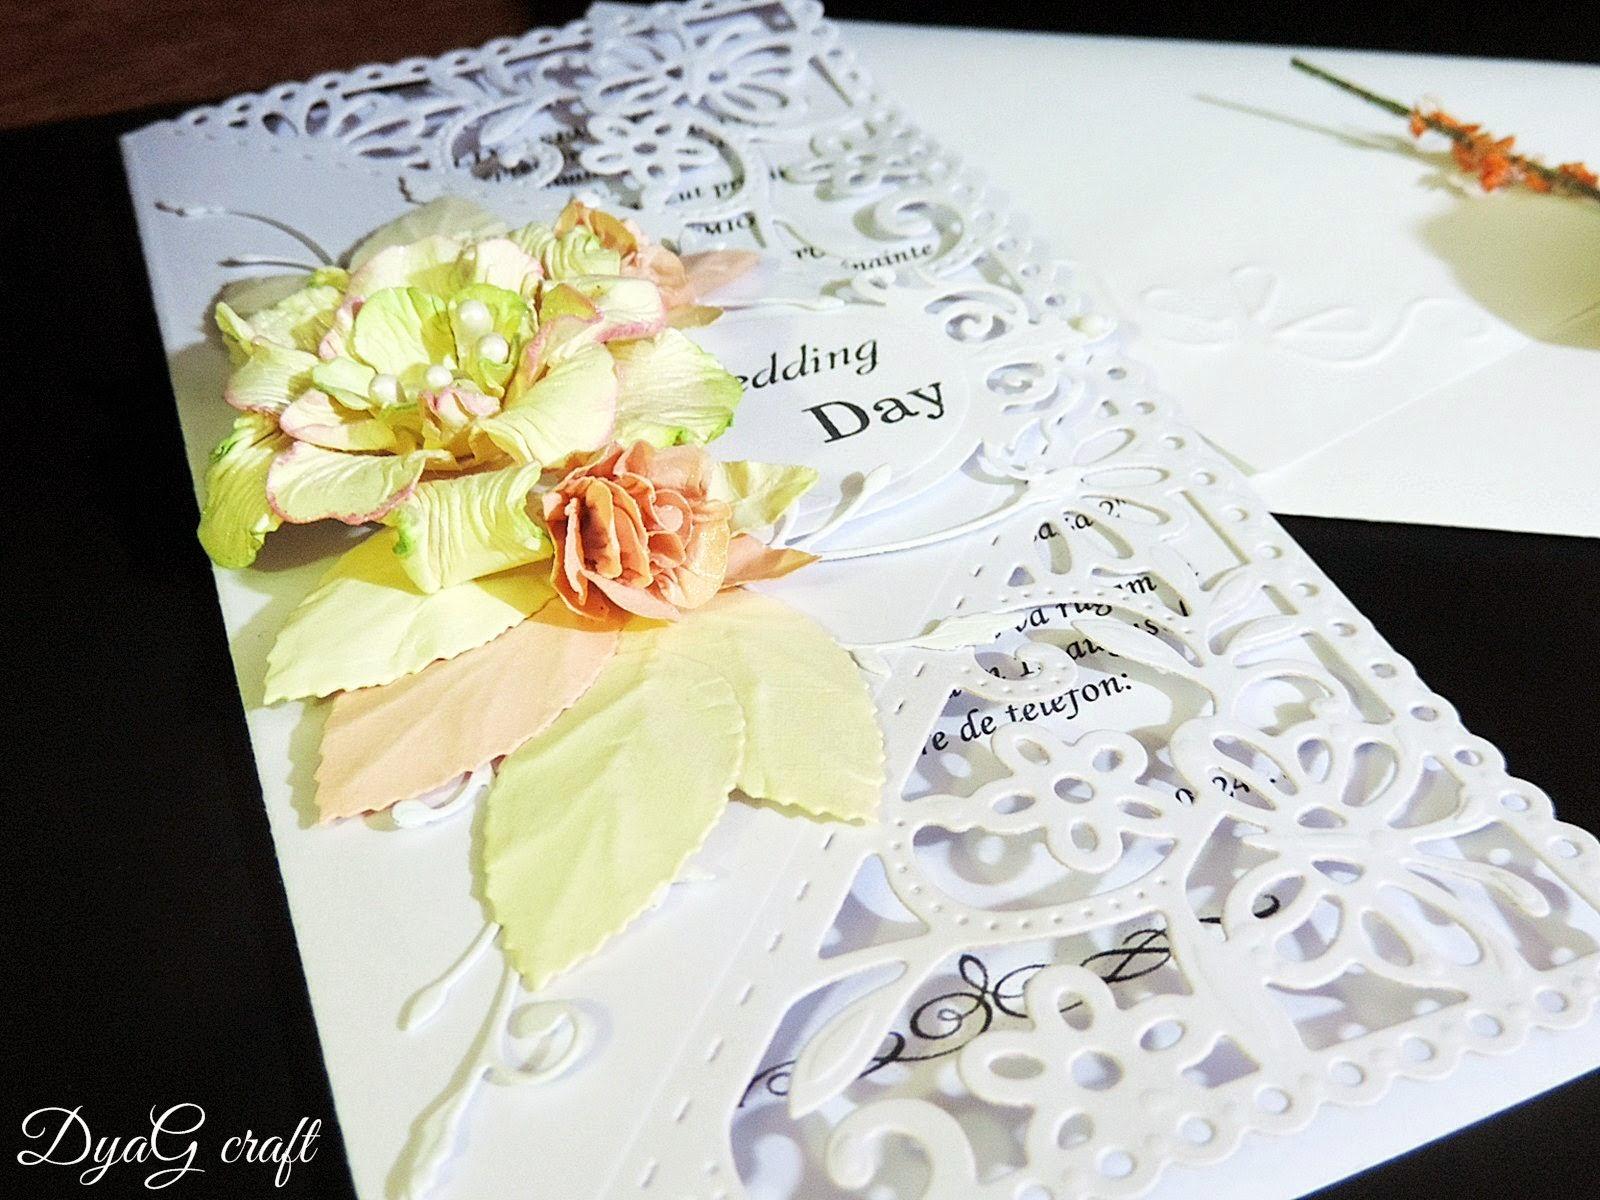 invitatie nunta ivoire alba salmon